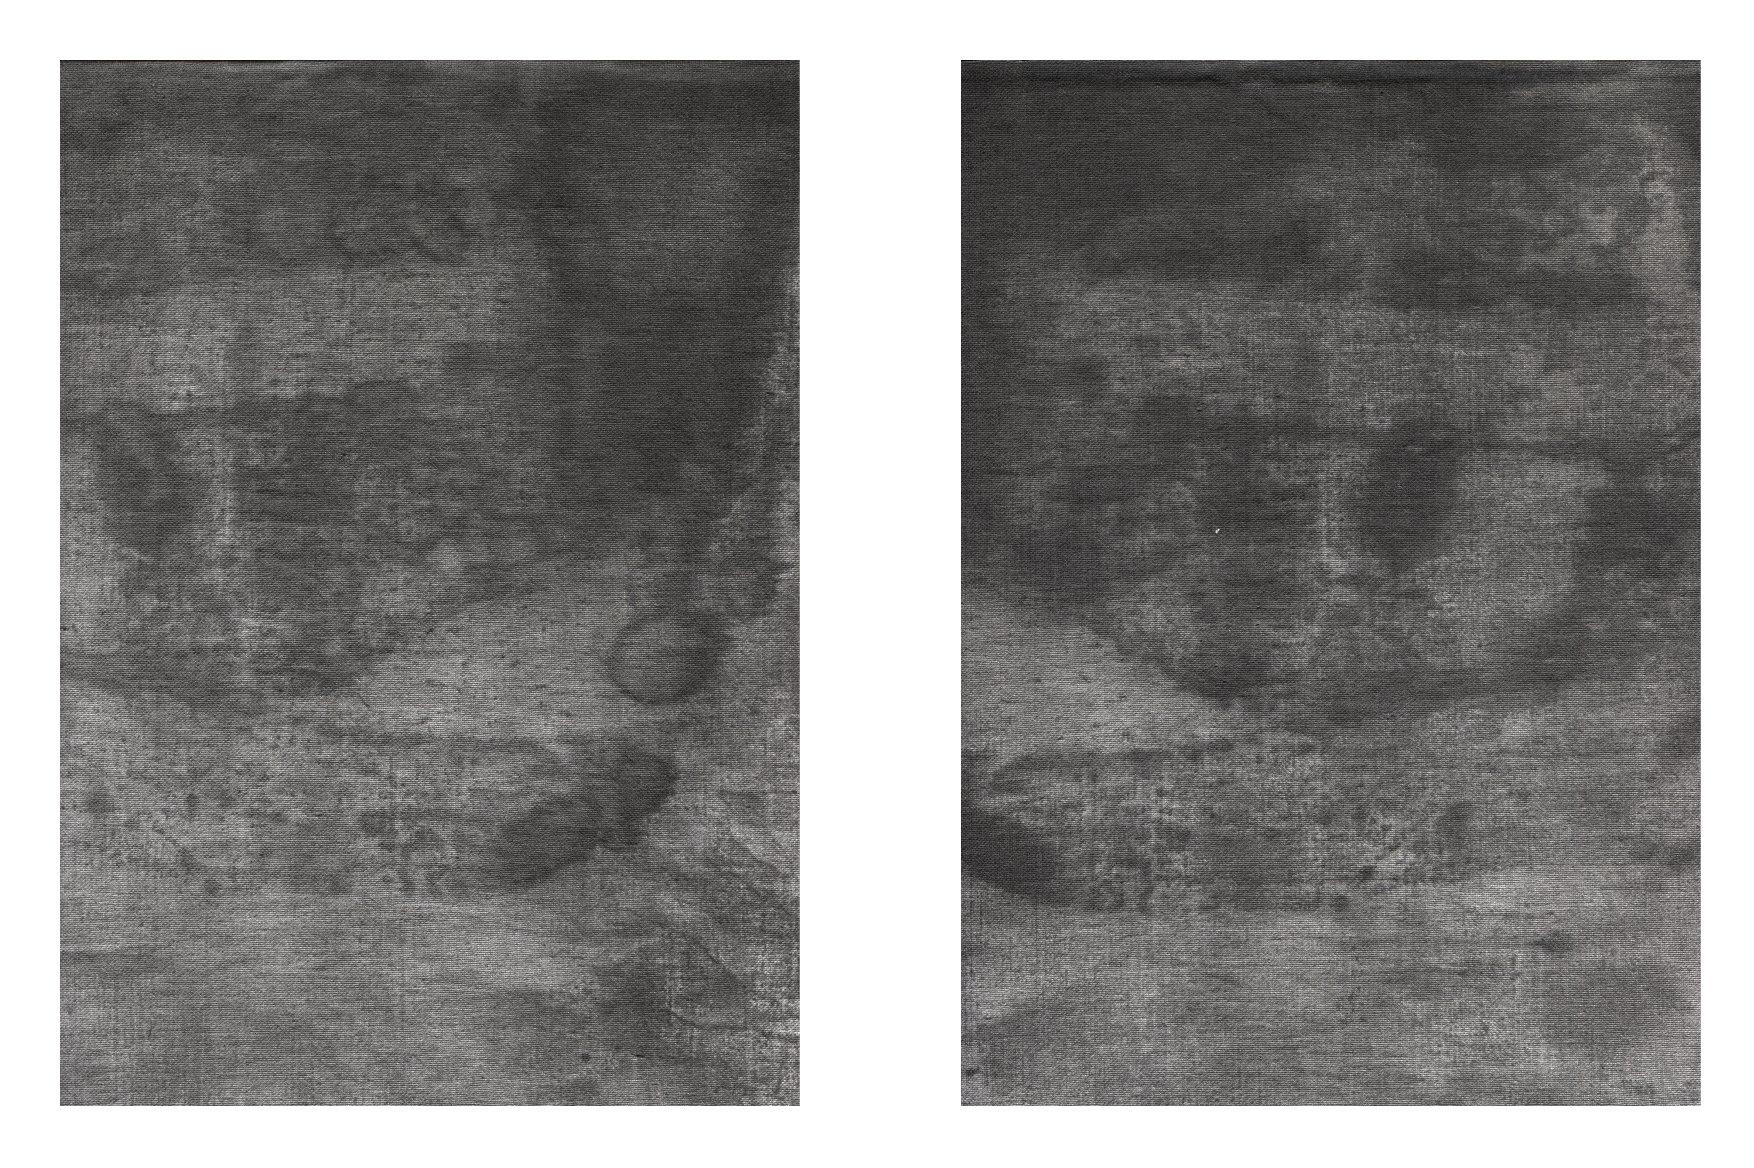 156款复古做旧折痕磨损褶皱纸张背景纹理素材合集 The Grunge Texture Bundle Vol. 1插图(19)